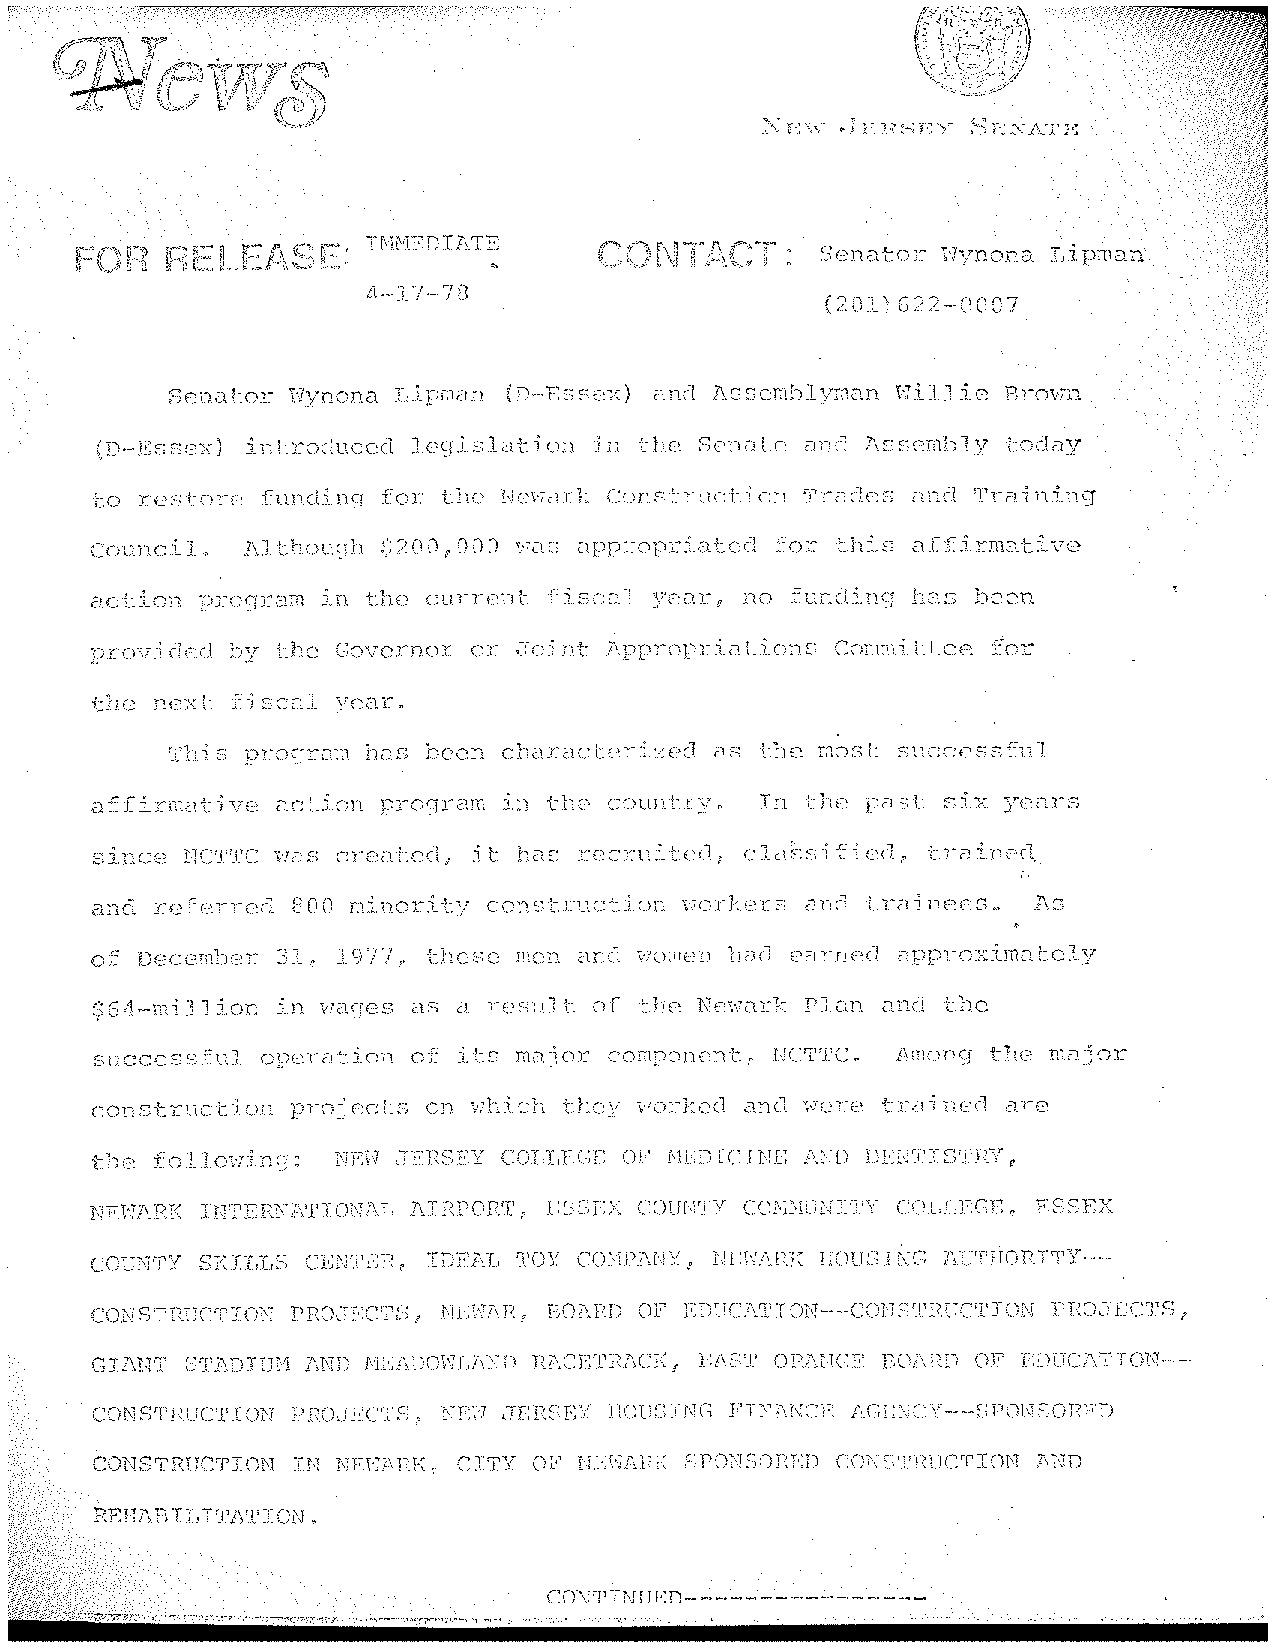 State Senate Press Release (1978)